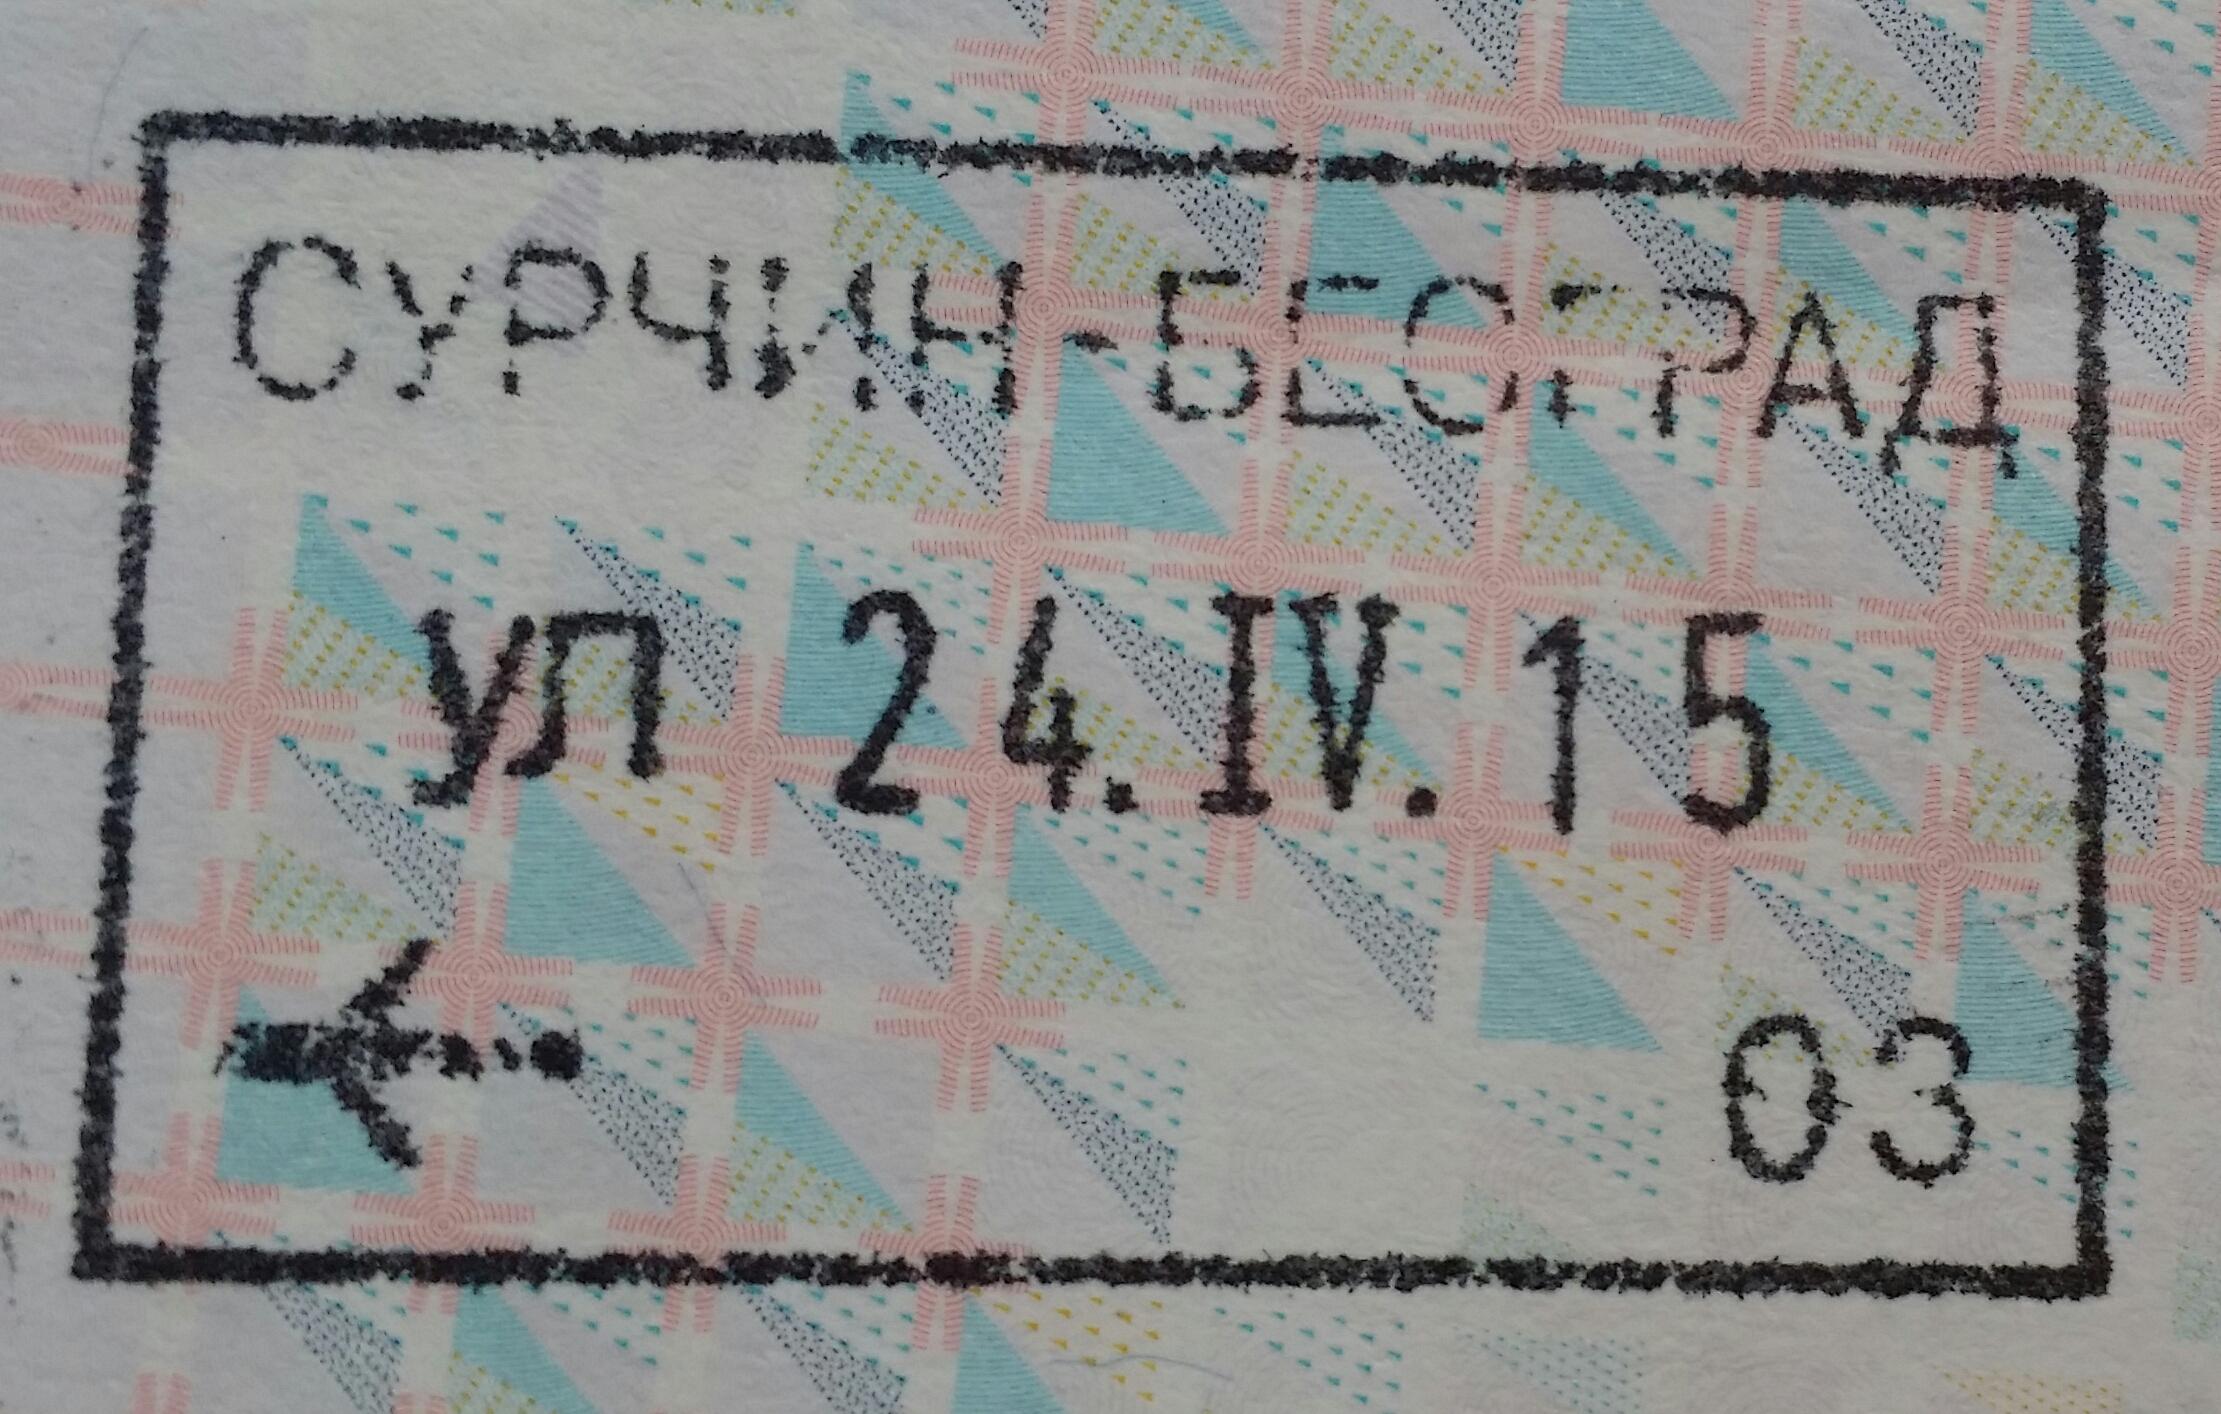 Requisitos de la aplicación Visa Guatemala, Embajada, turístico, de trabajo, visas de estudiante, guatemalteco